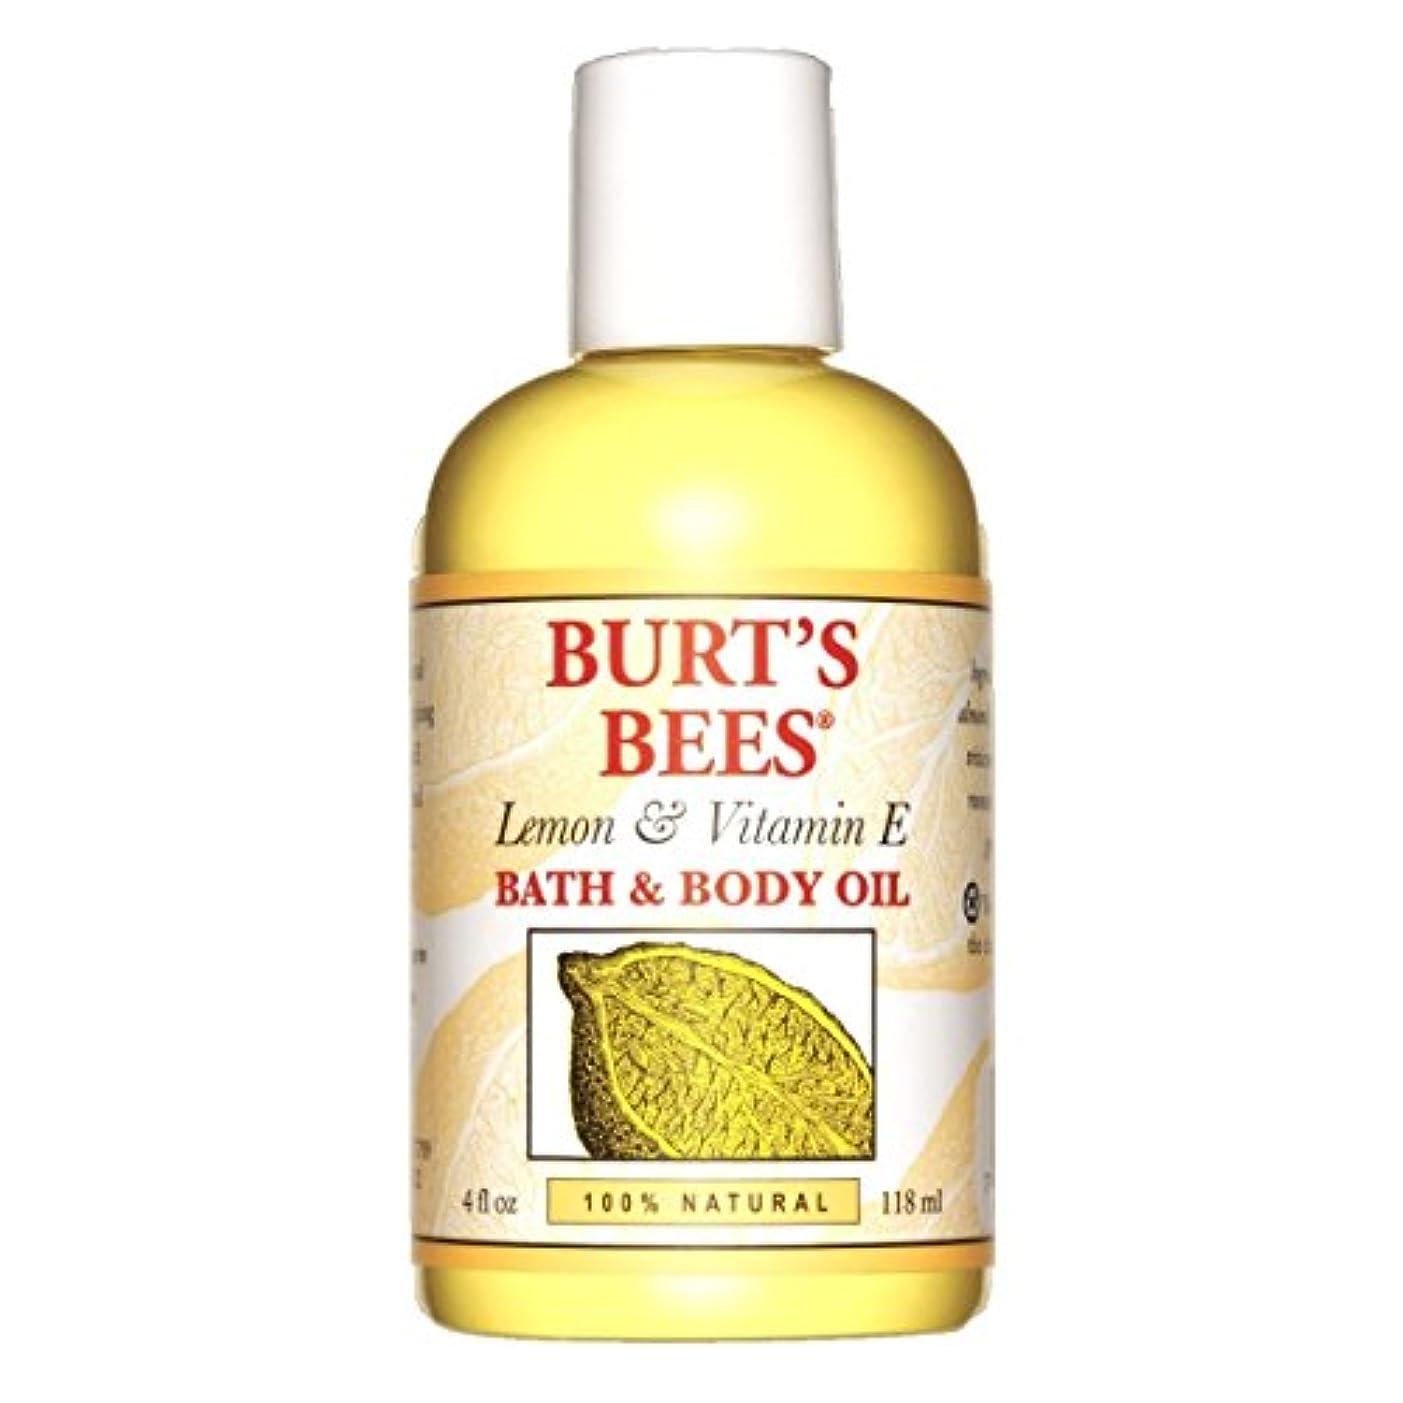 注ぎます良心的ストリップバーツビーズ(Burt's Bees) レモン&ビタミンE バスアンドボディオイル 118ml [海外直送品][並行輸入品]